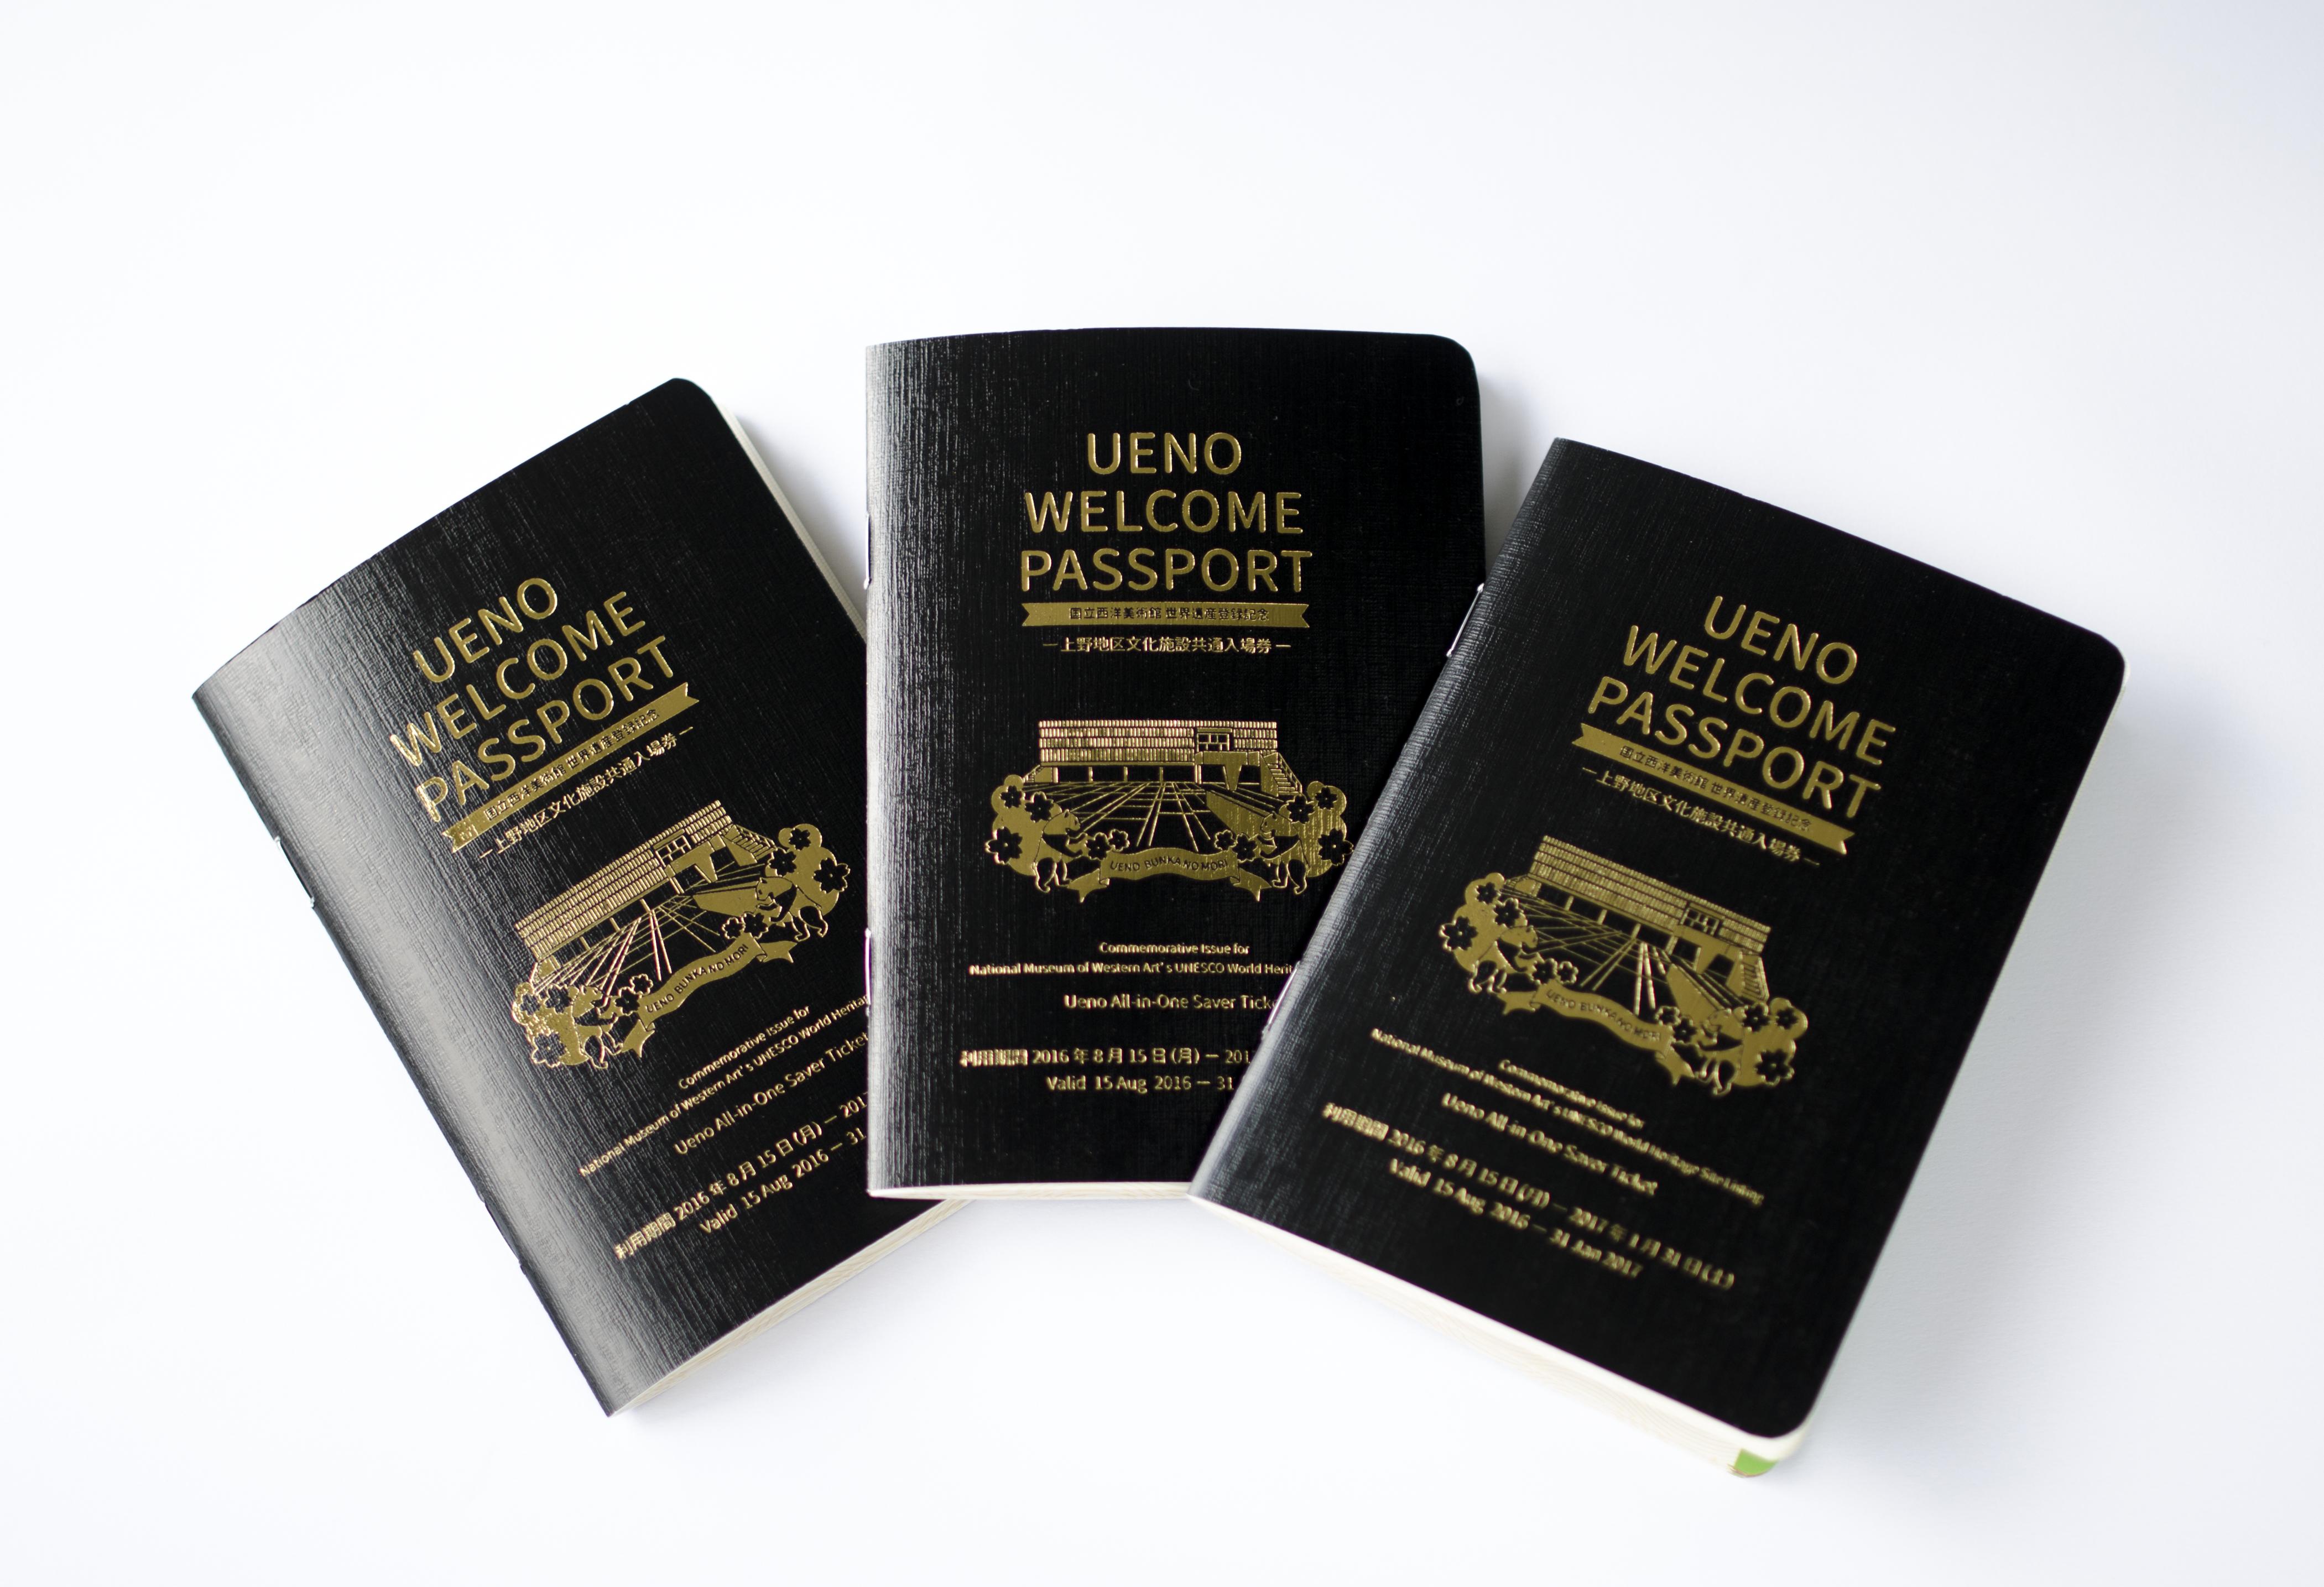 UENO WELCOME PASSPORT 西洋美術館世界遺産記念